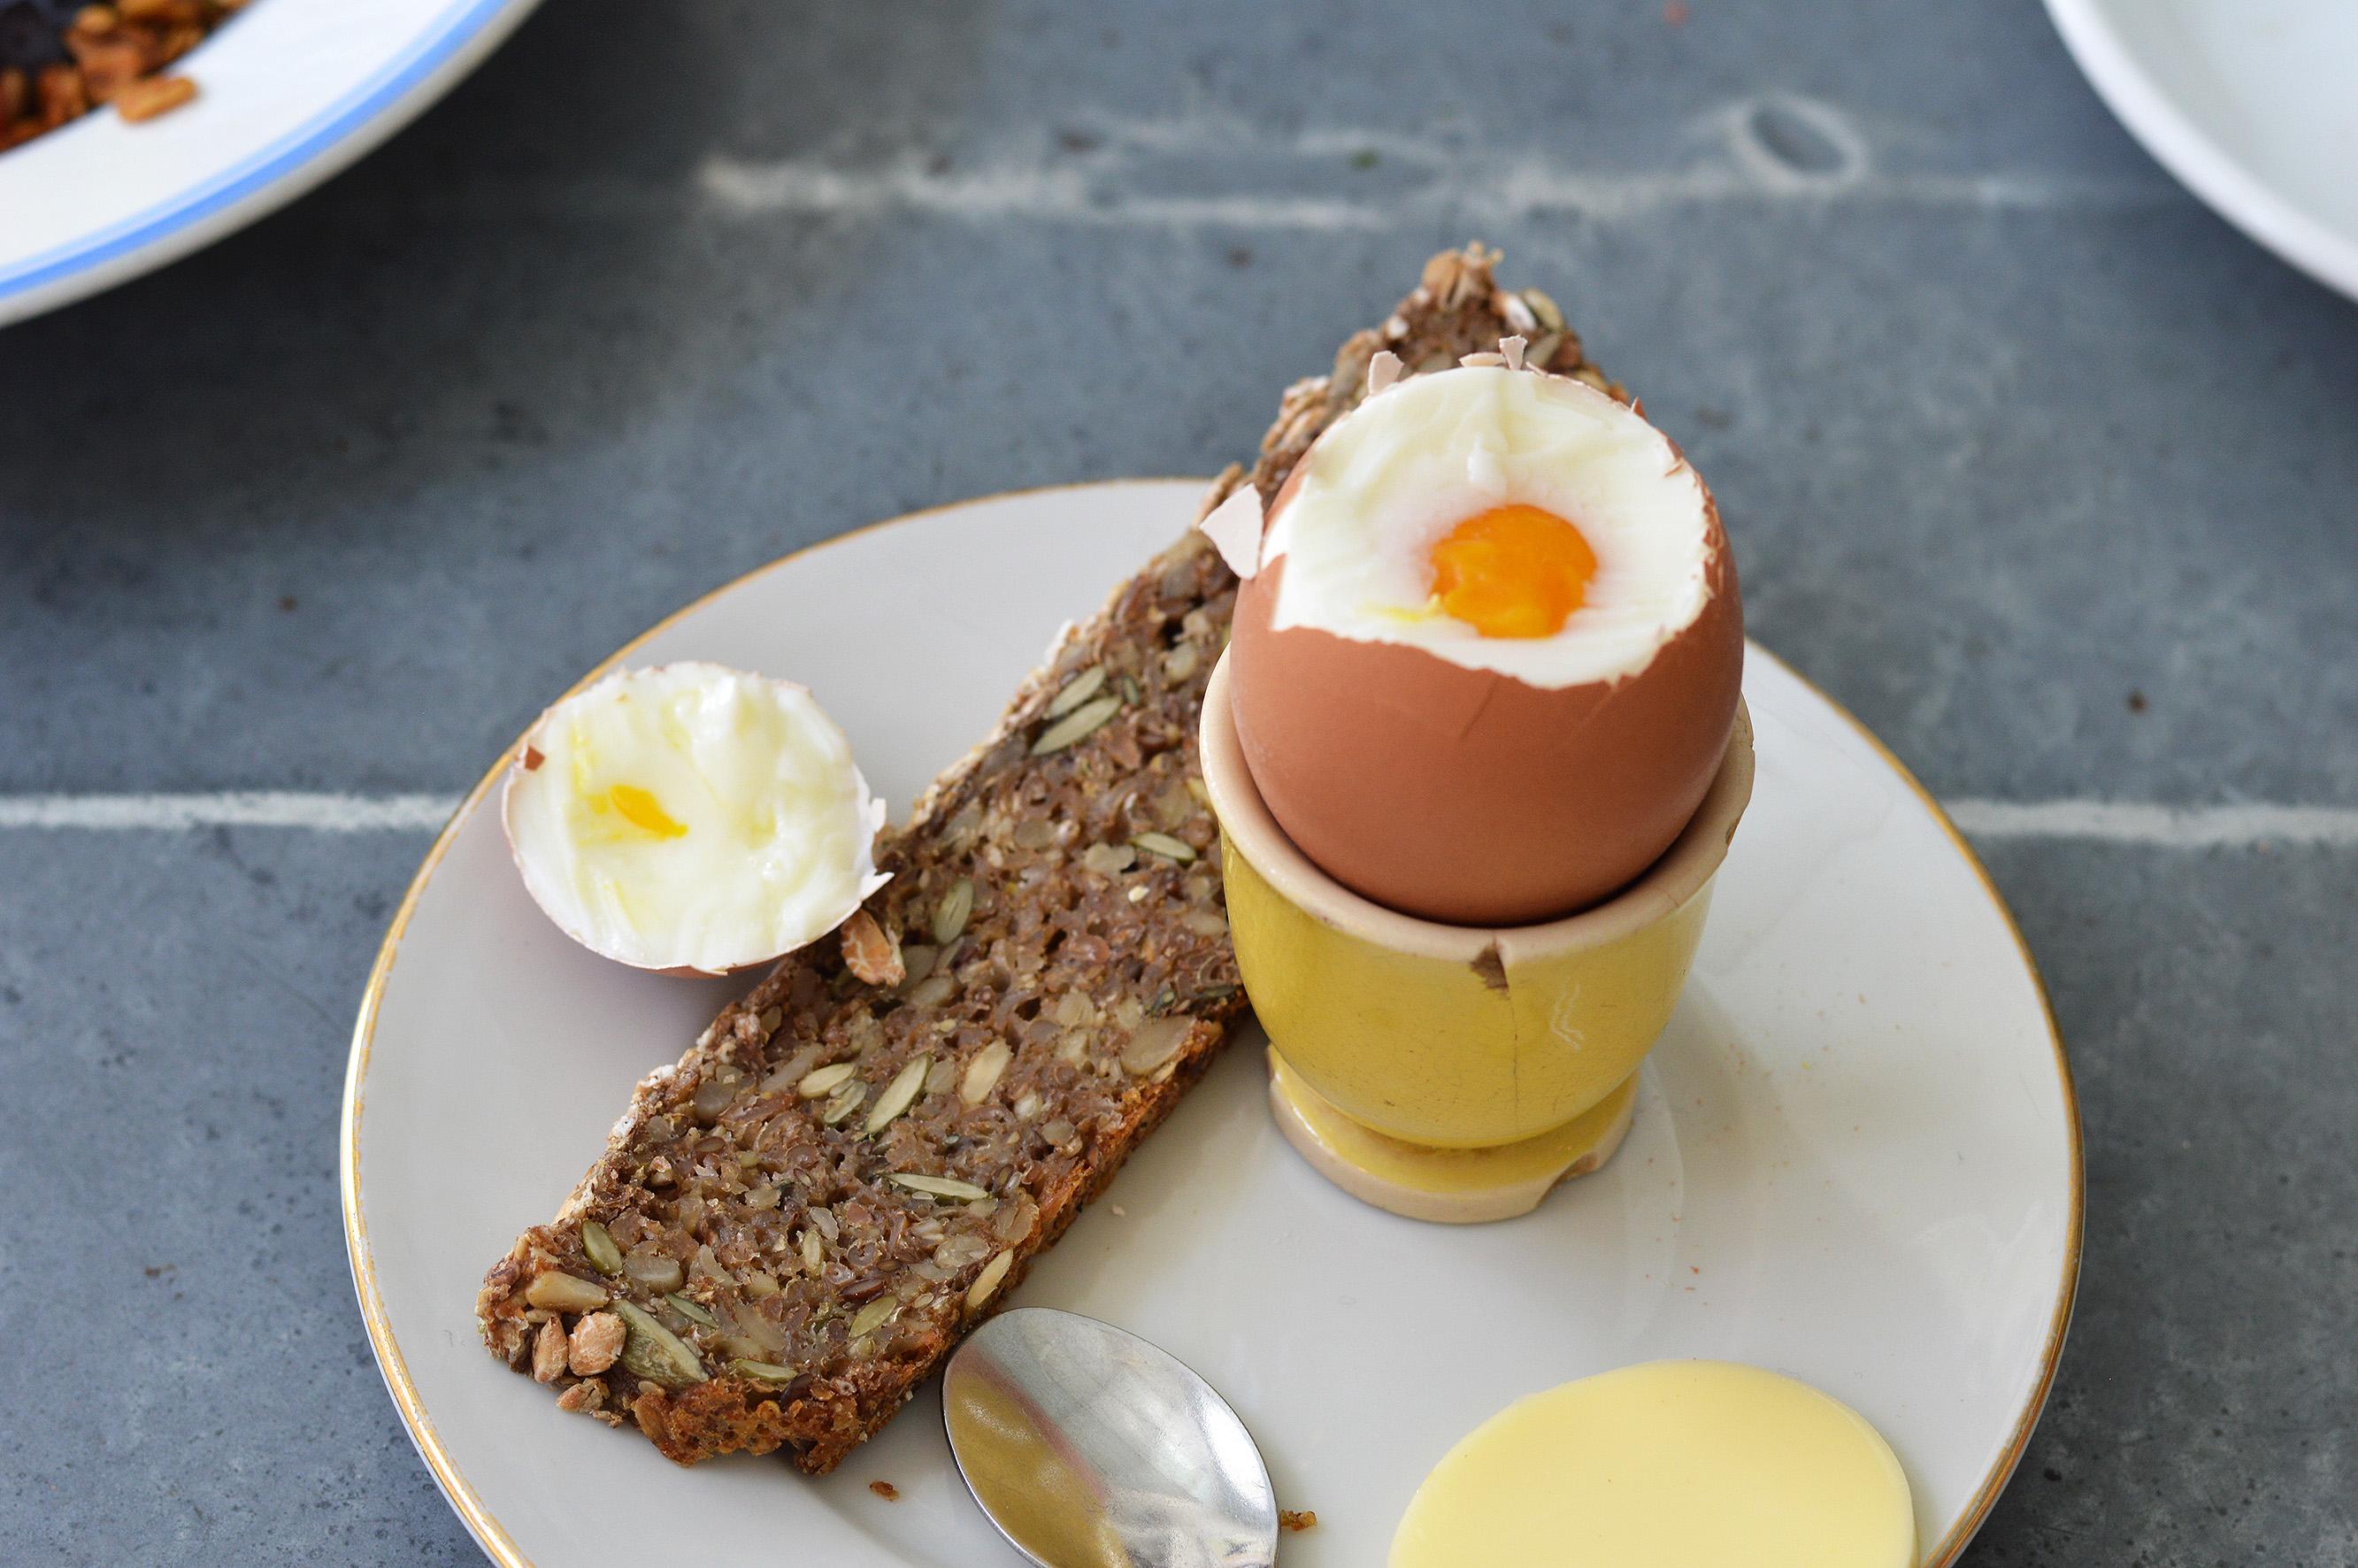 Atelier September - Egg